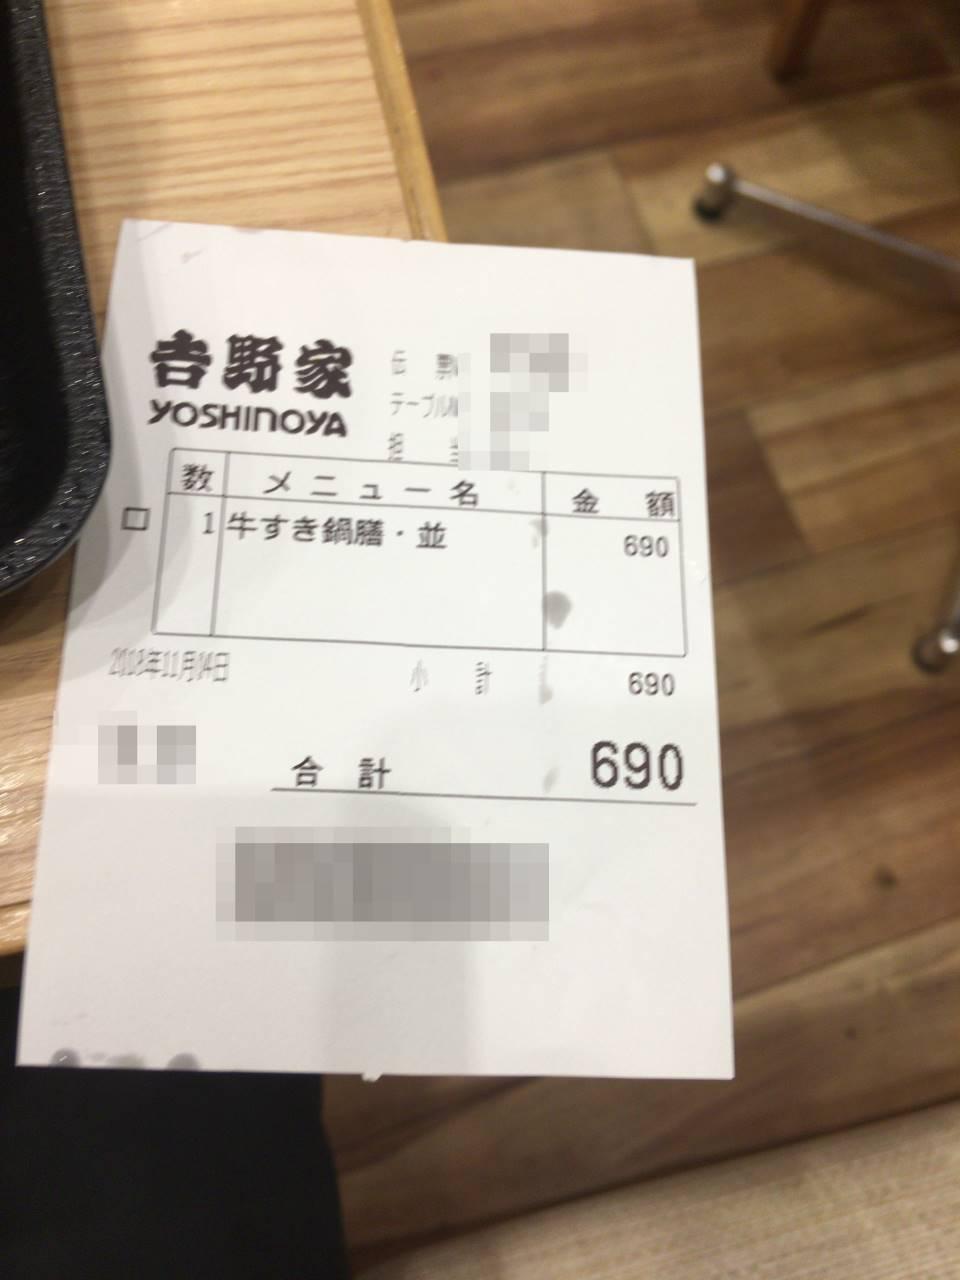 牛チゲ鍋膳セット並盛 690円の伝票